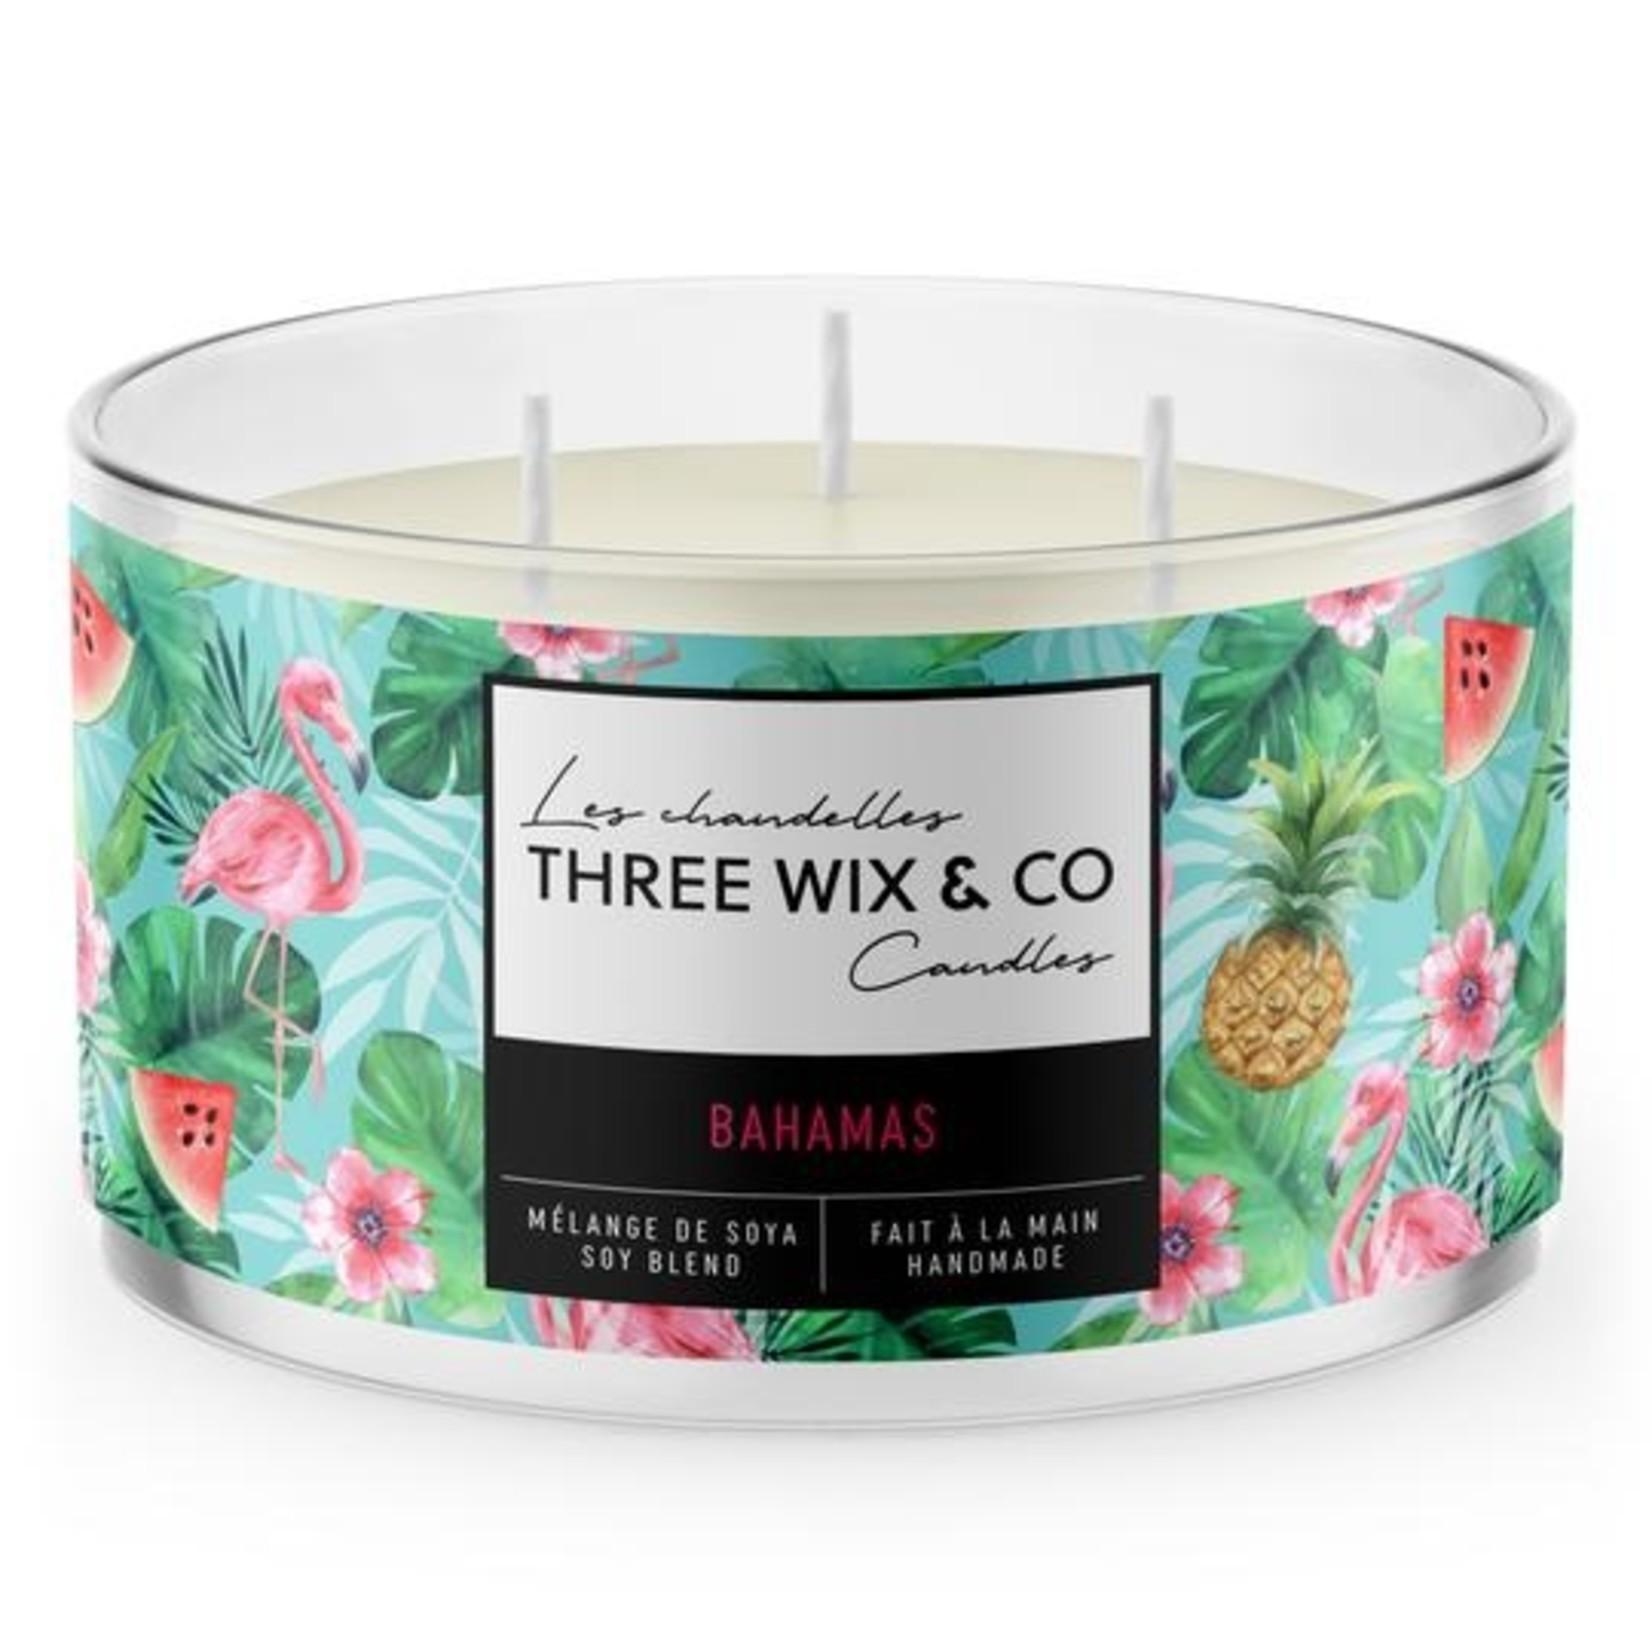 Three wix & co Bahamas - Three wix & co